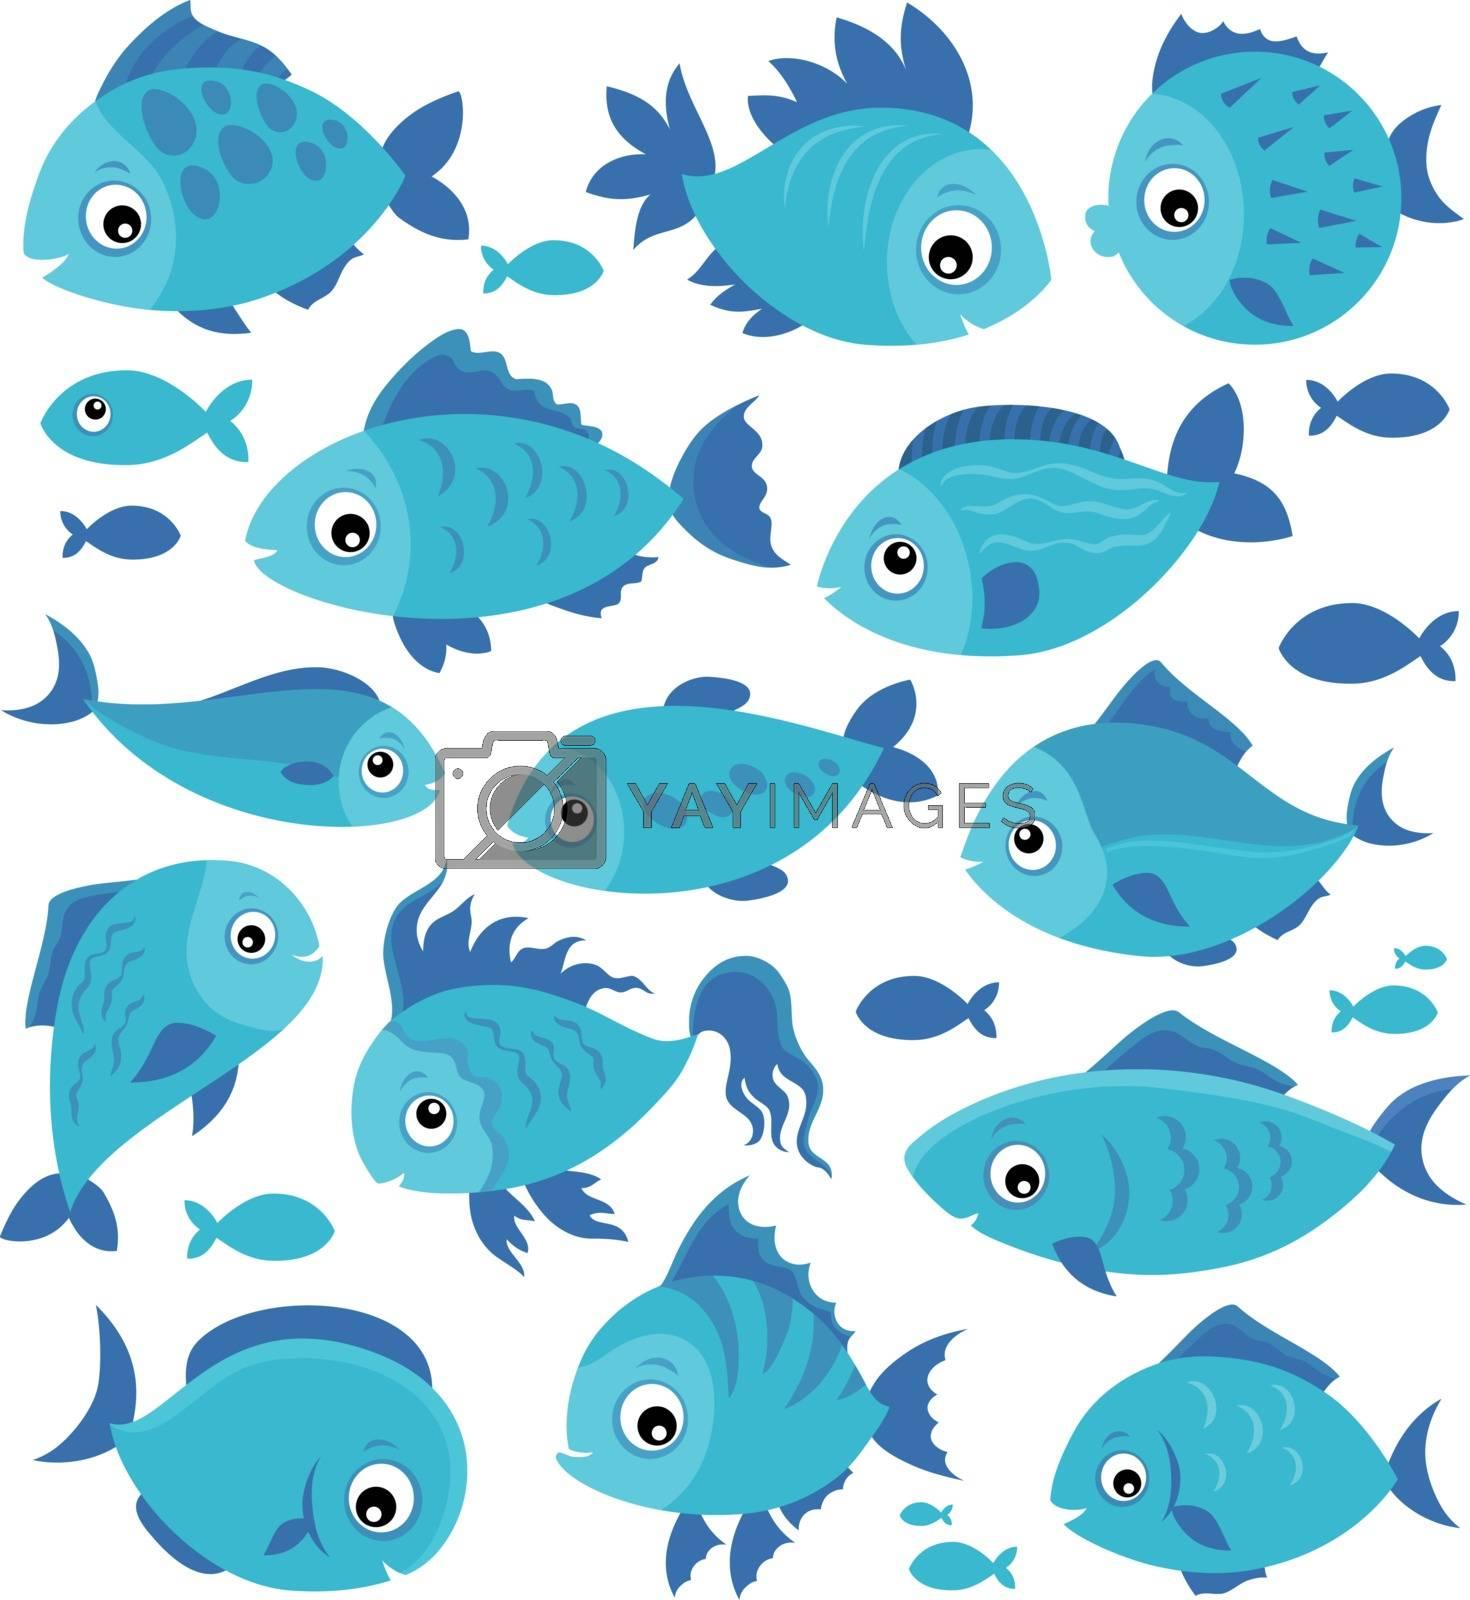 Stylized fishes theme set 3 - eps10 vector illustration.